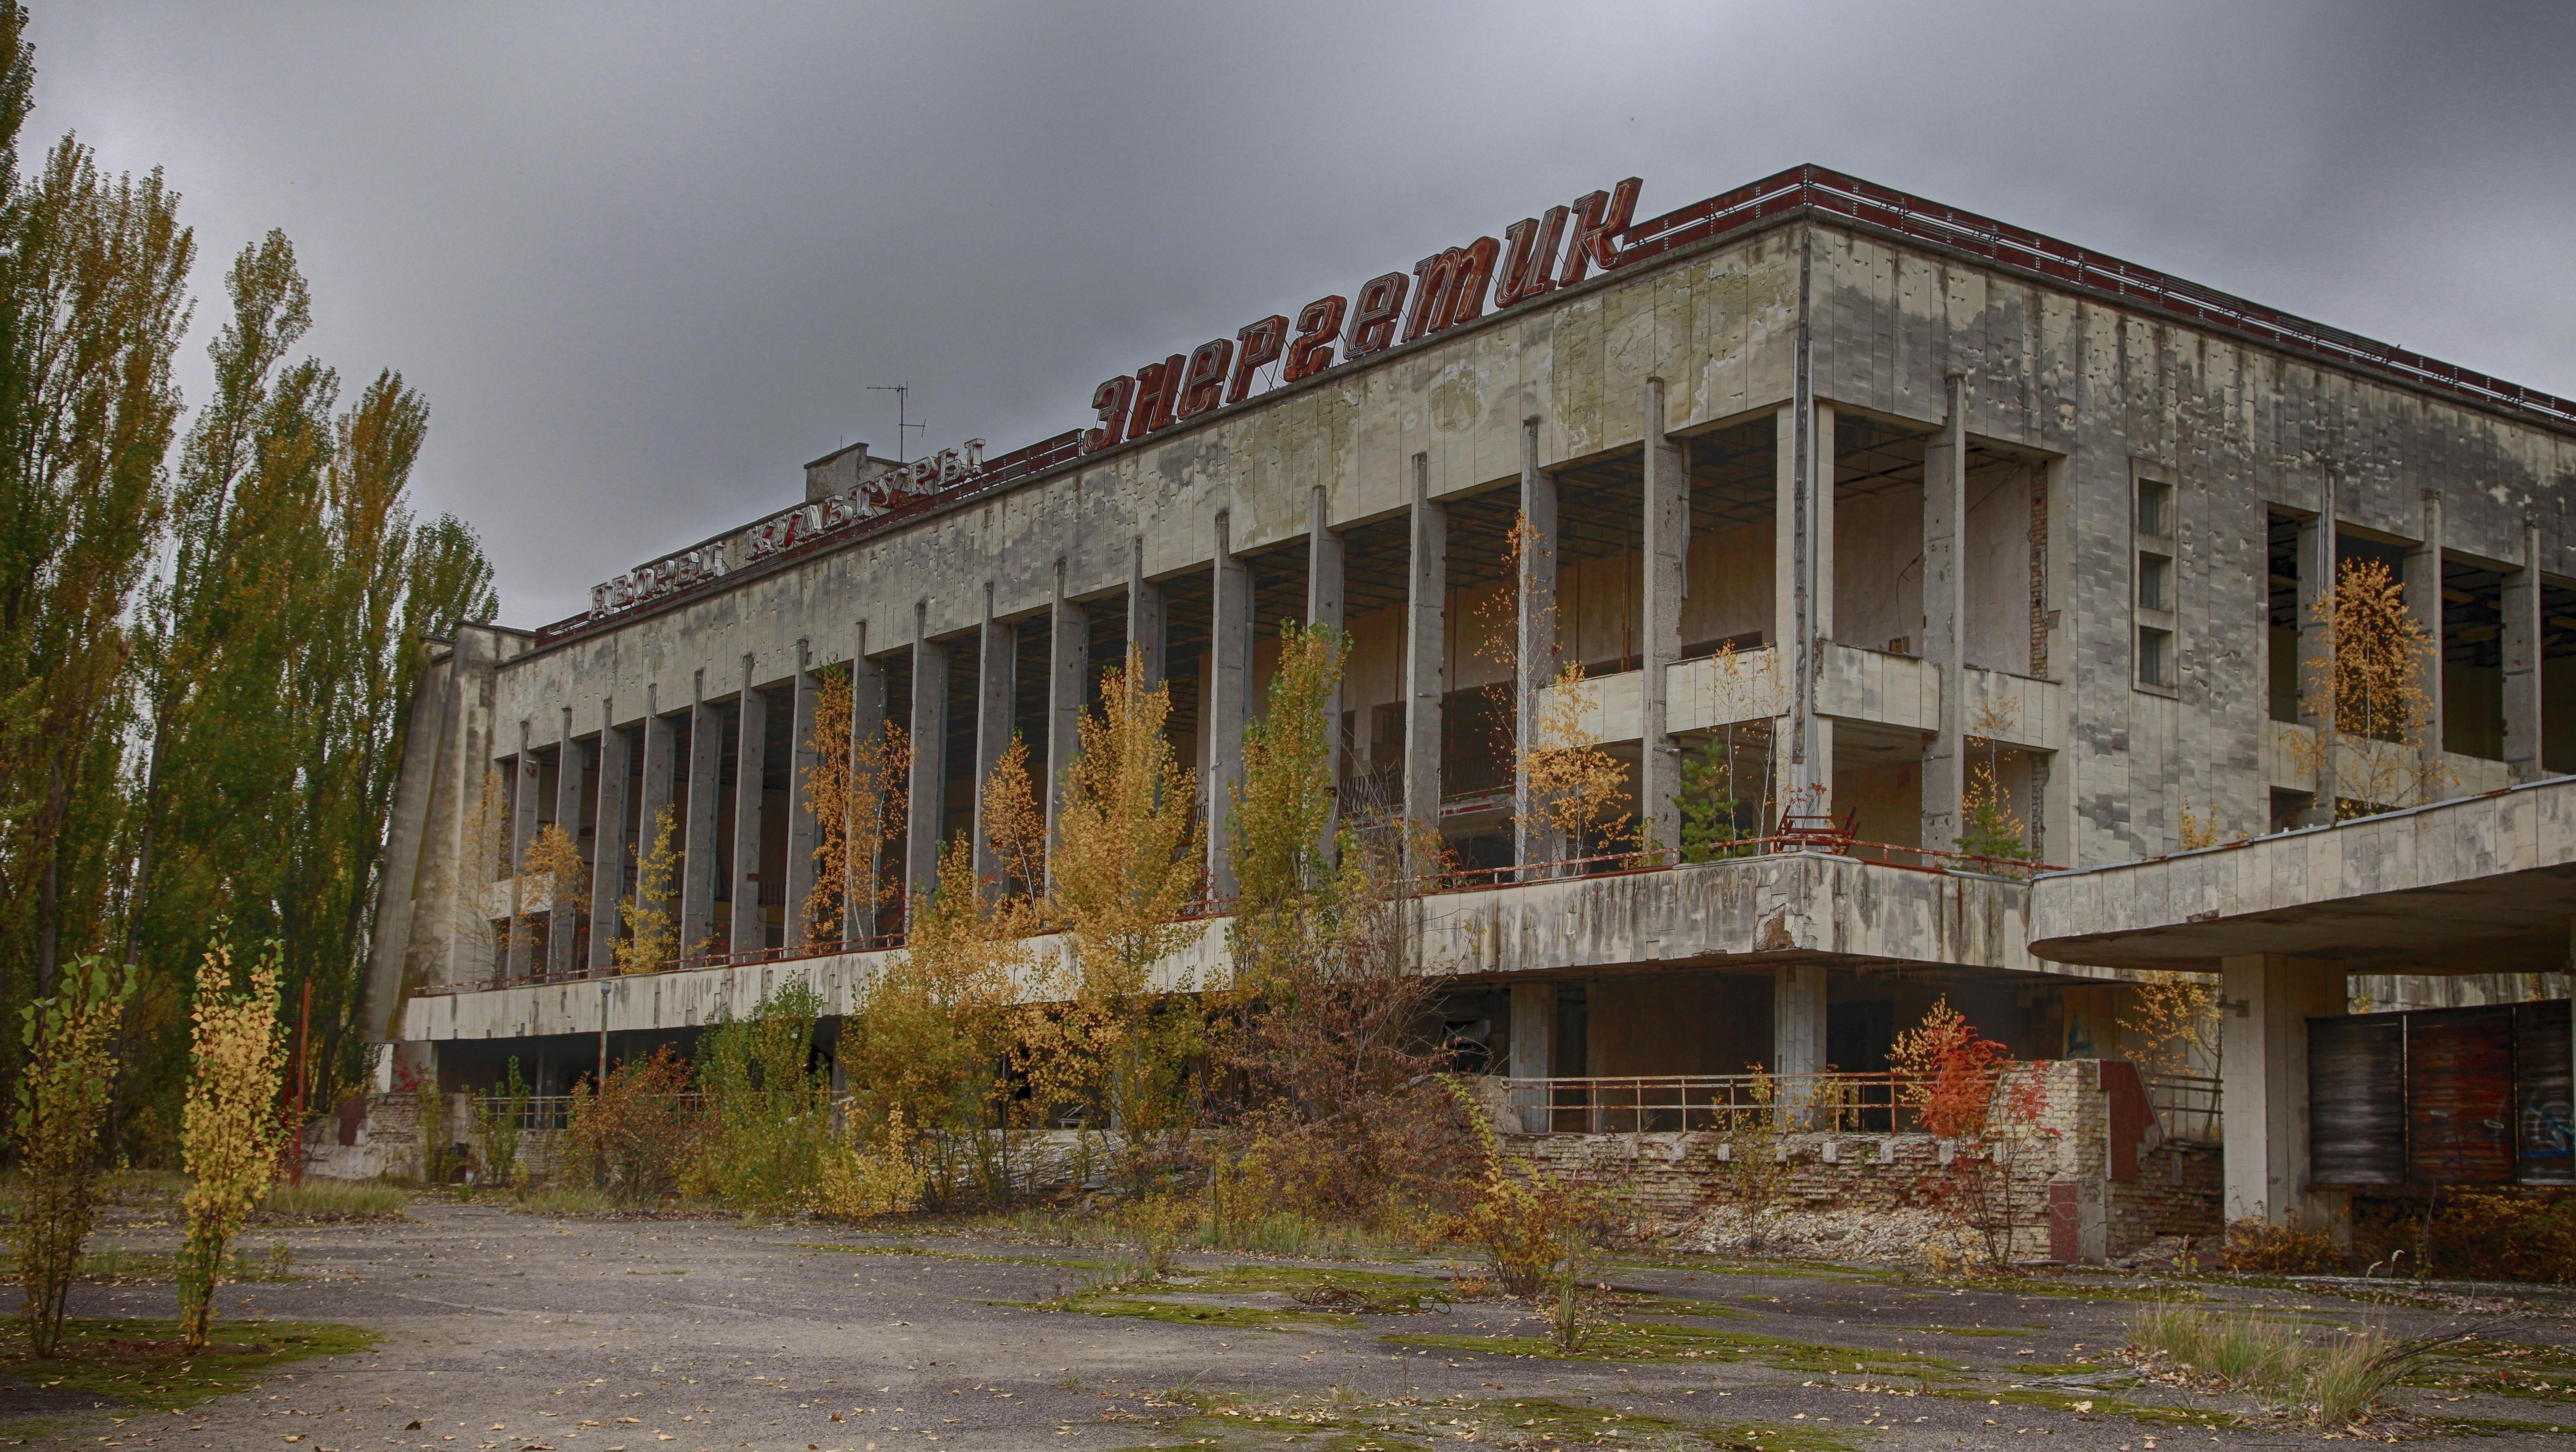 Verlassenes Gebäude in Prypiat nahe Tschernobyl, wo vor dem GAU 50.000 Menschen lebten. Die einstige Idealstadt ist jetzt Ruine - und Touristenmagnet.